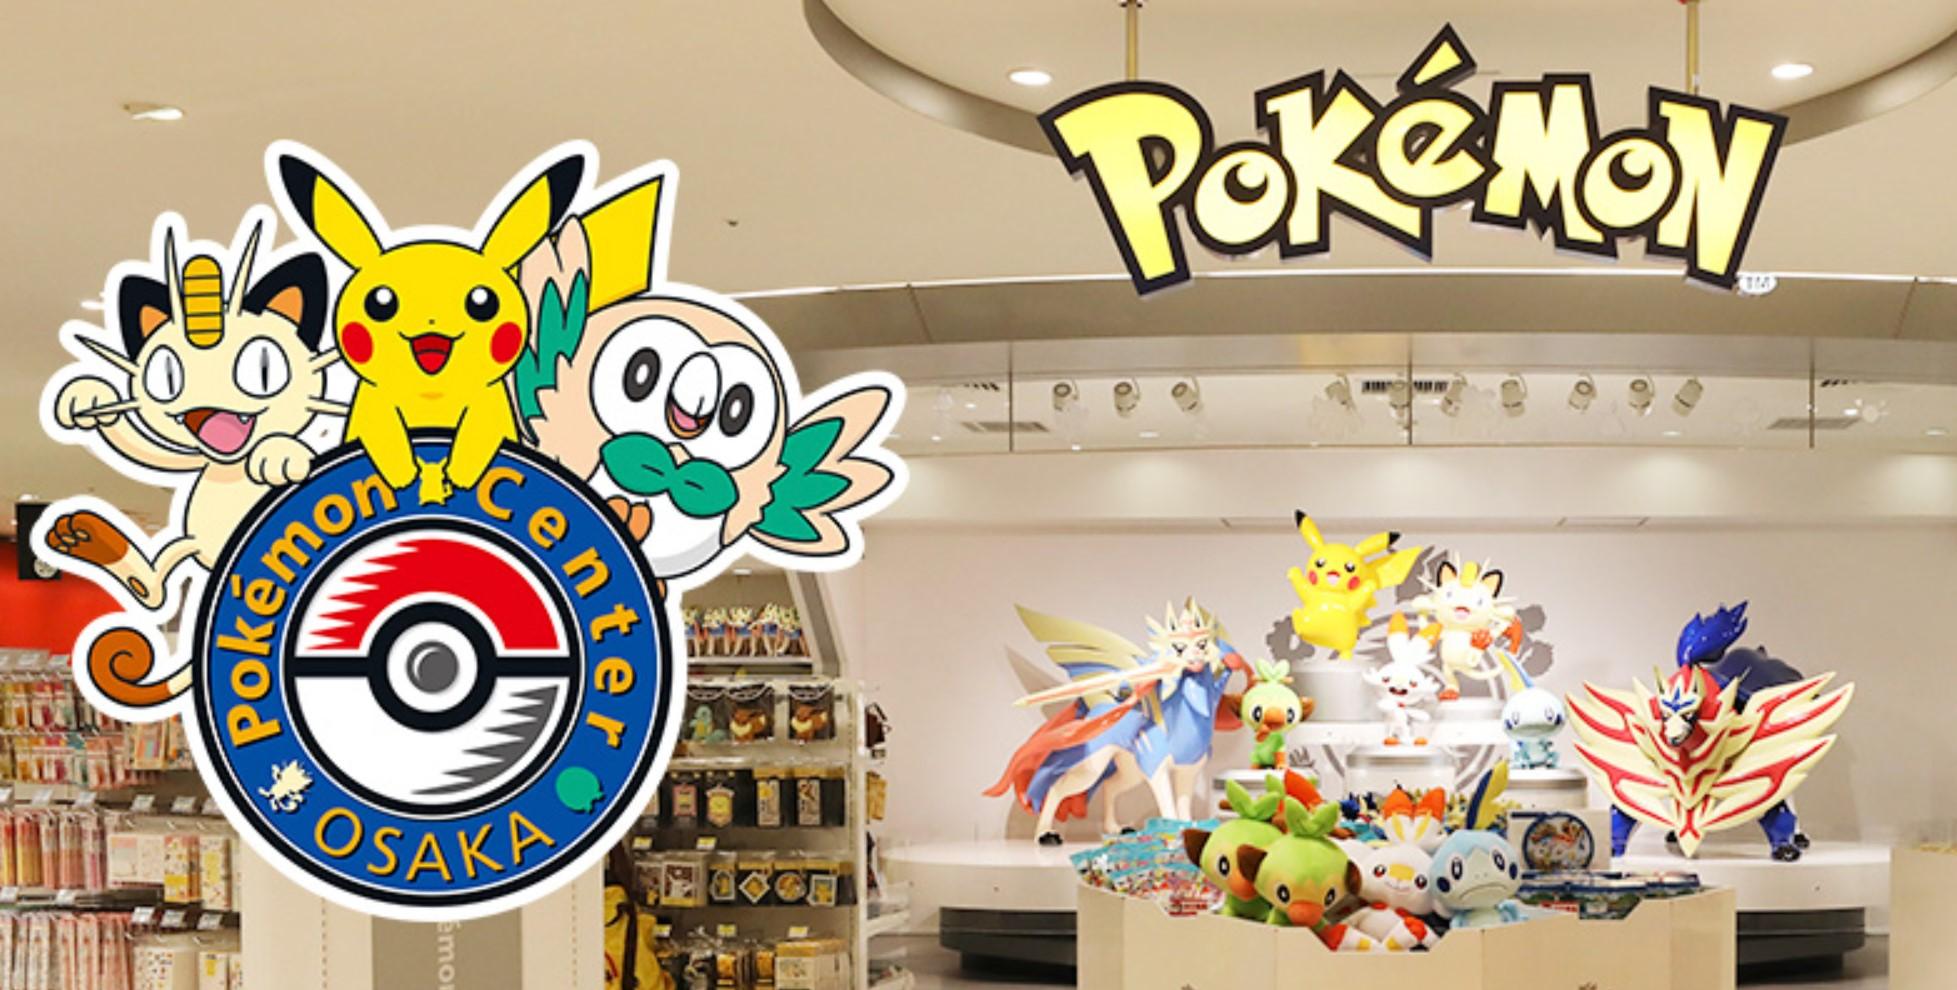 ポケモンセンター梅田福袋2020の店舗販売行列は何時から並ぶ?整理券配布・待機場所も